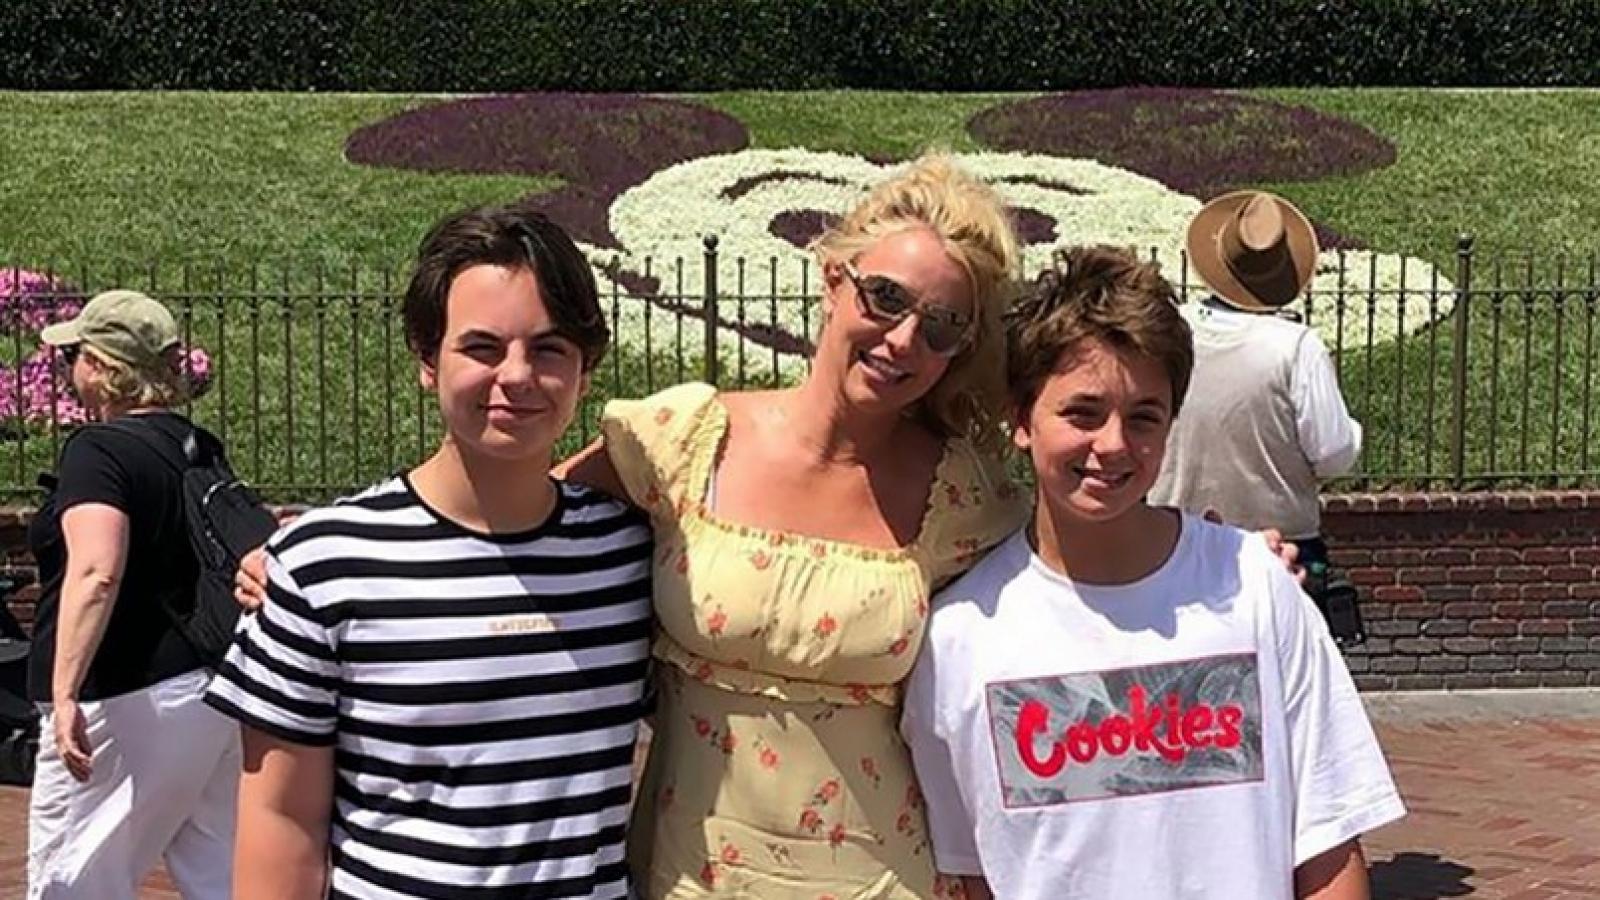 13 năm sống như nô lệ, Britney Spears chỉ hạnh phúc khi được ở bên các con